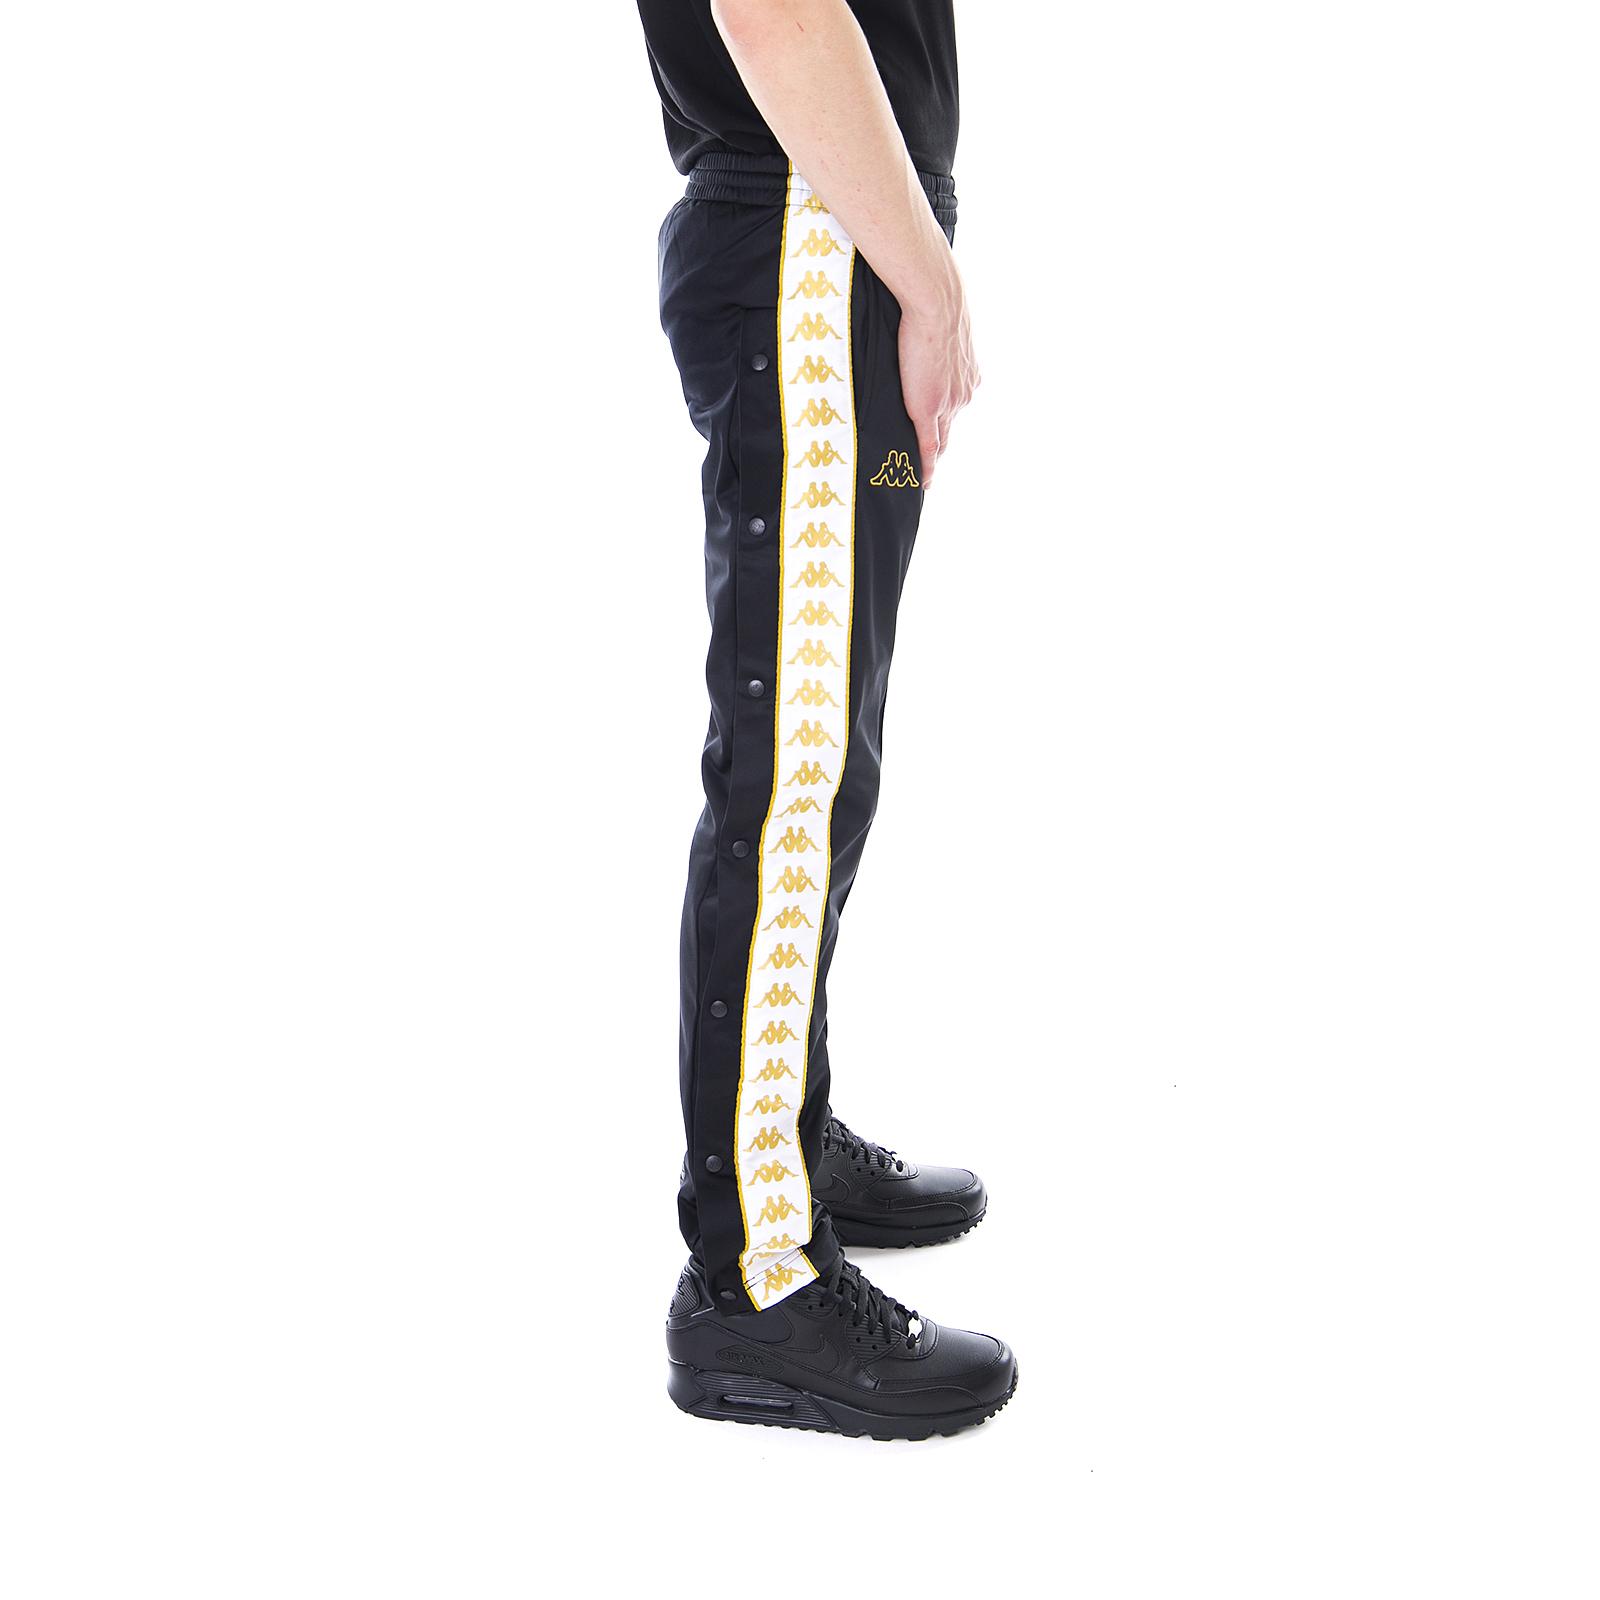 Kappa-Pantaloni-222-Banda-Astoria-Snaps-Slim-Black-White-Gold-Nero miniatura 3